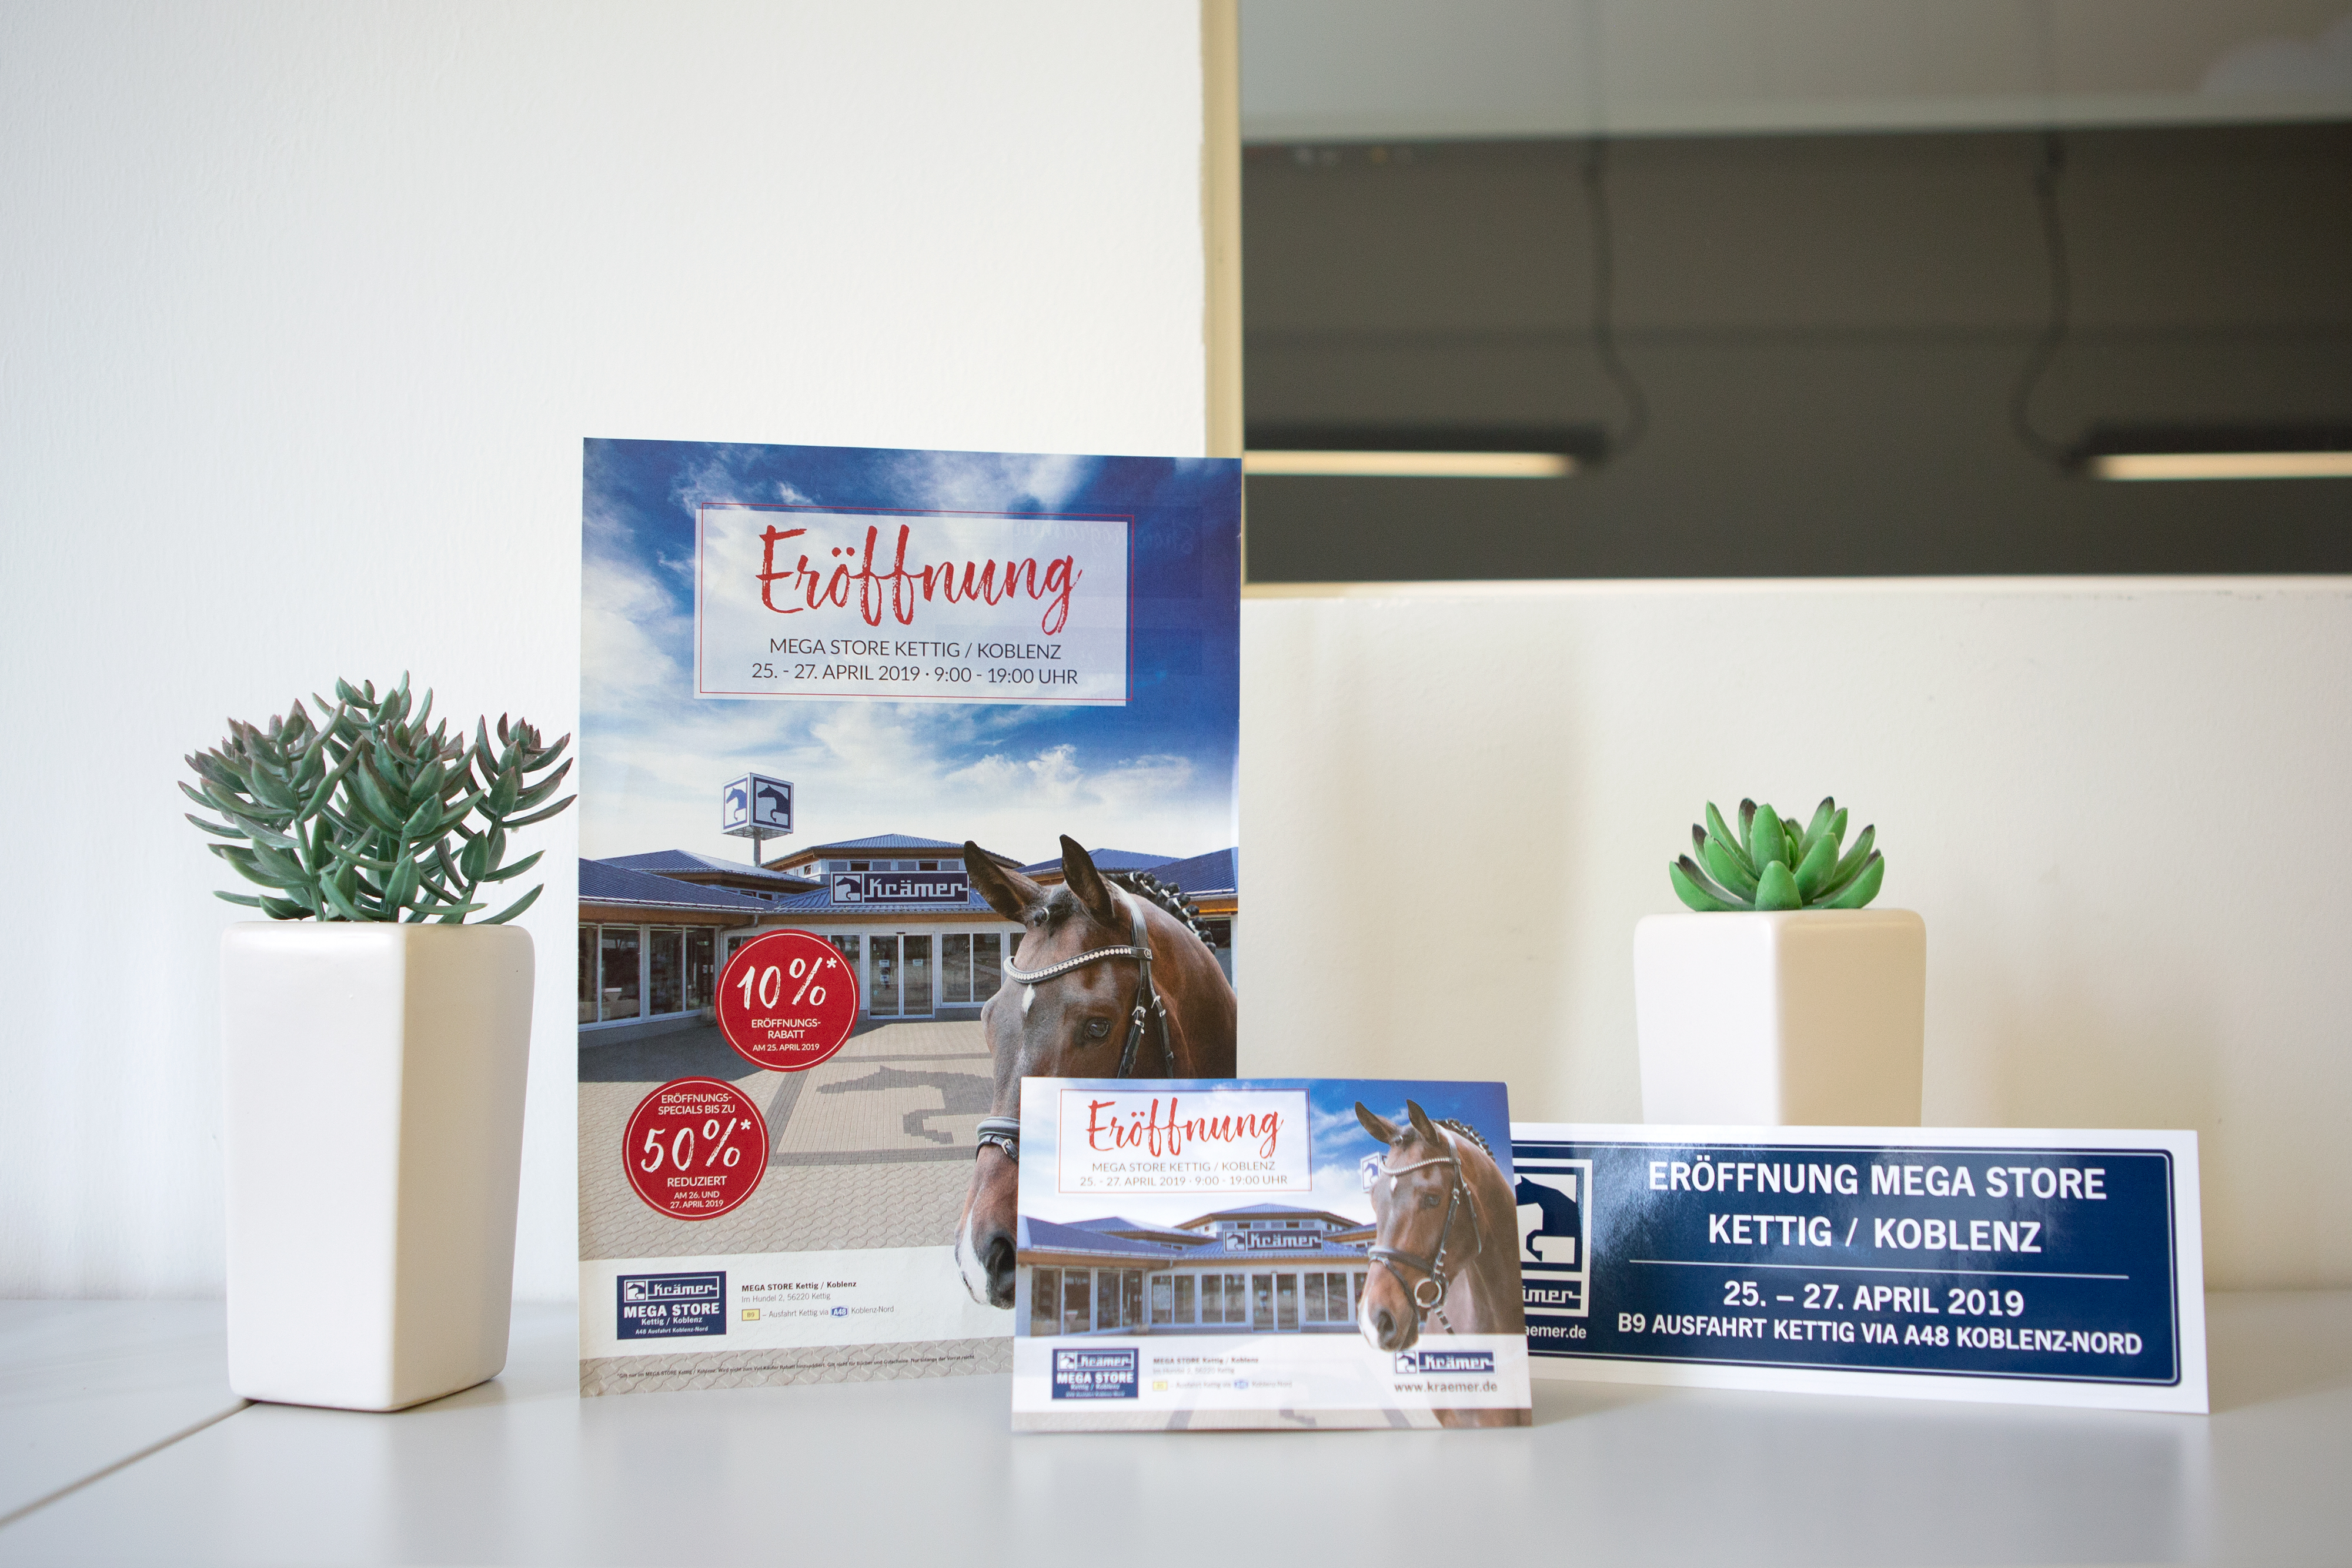 Sabath Media Werbeagentur - Krämer Pferdesport – Projektbeispiel - Referenzbild 5